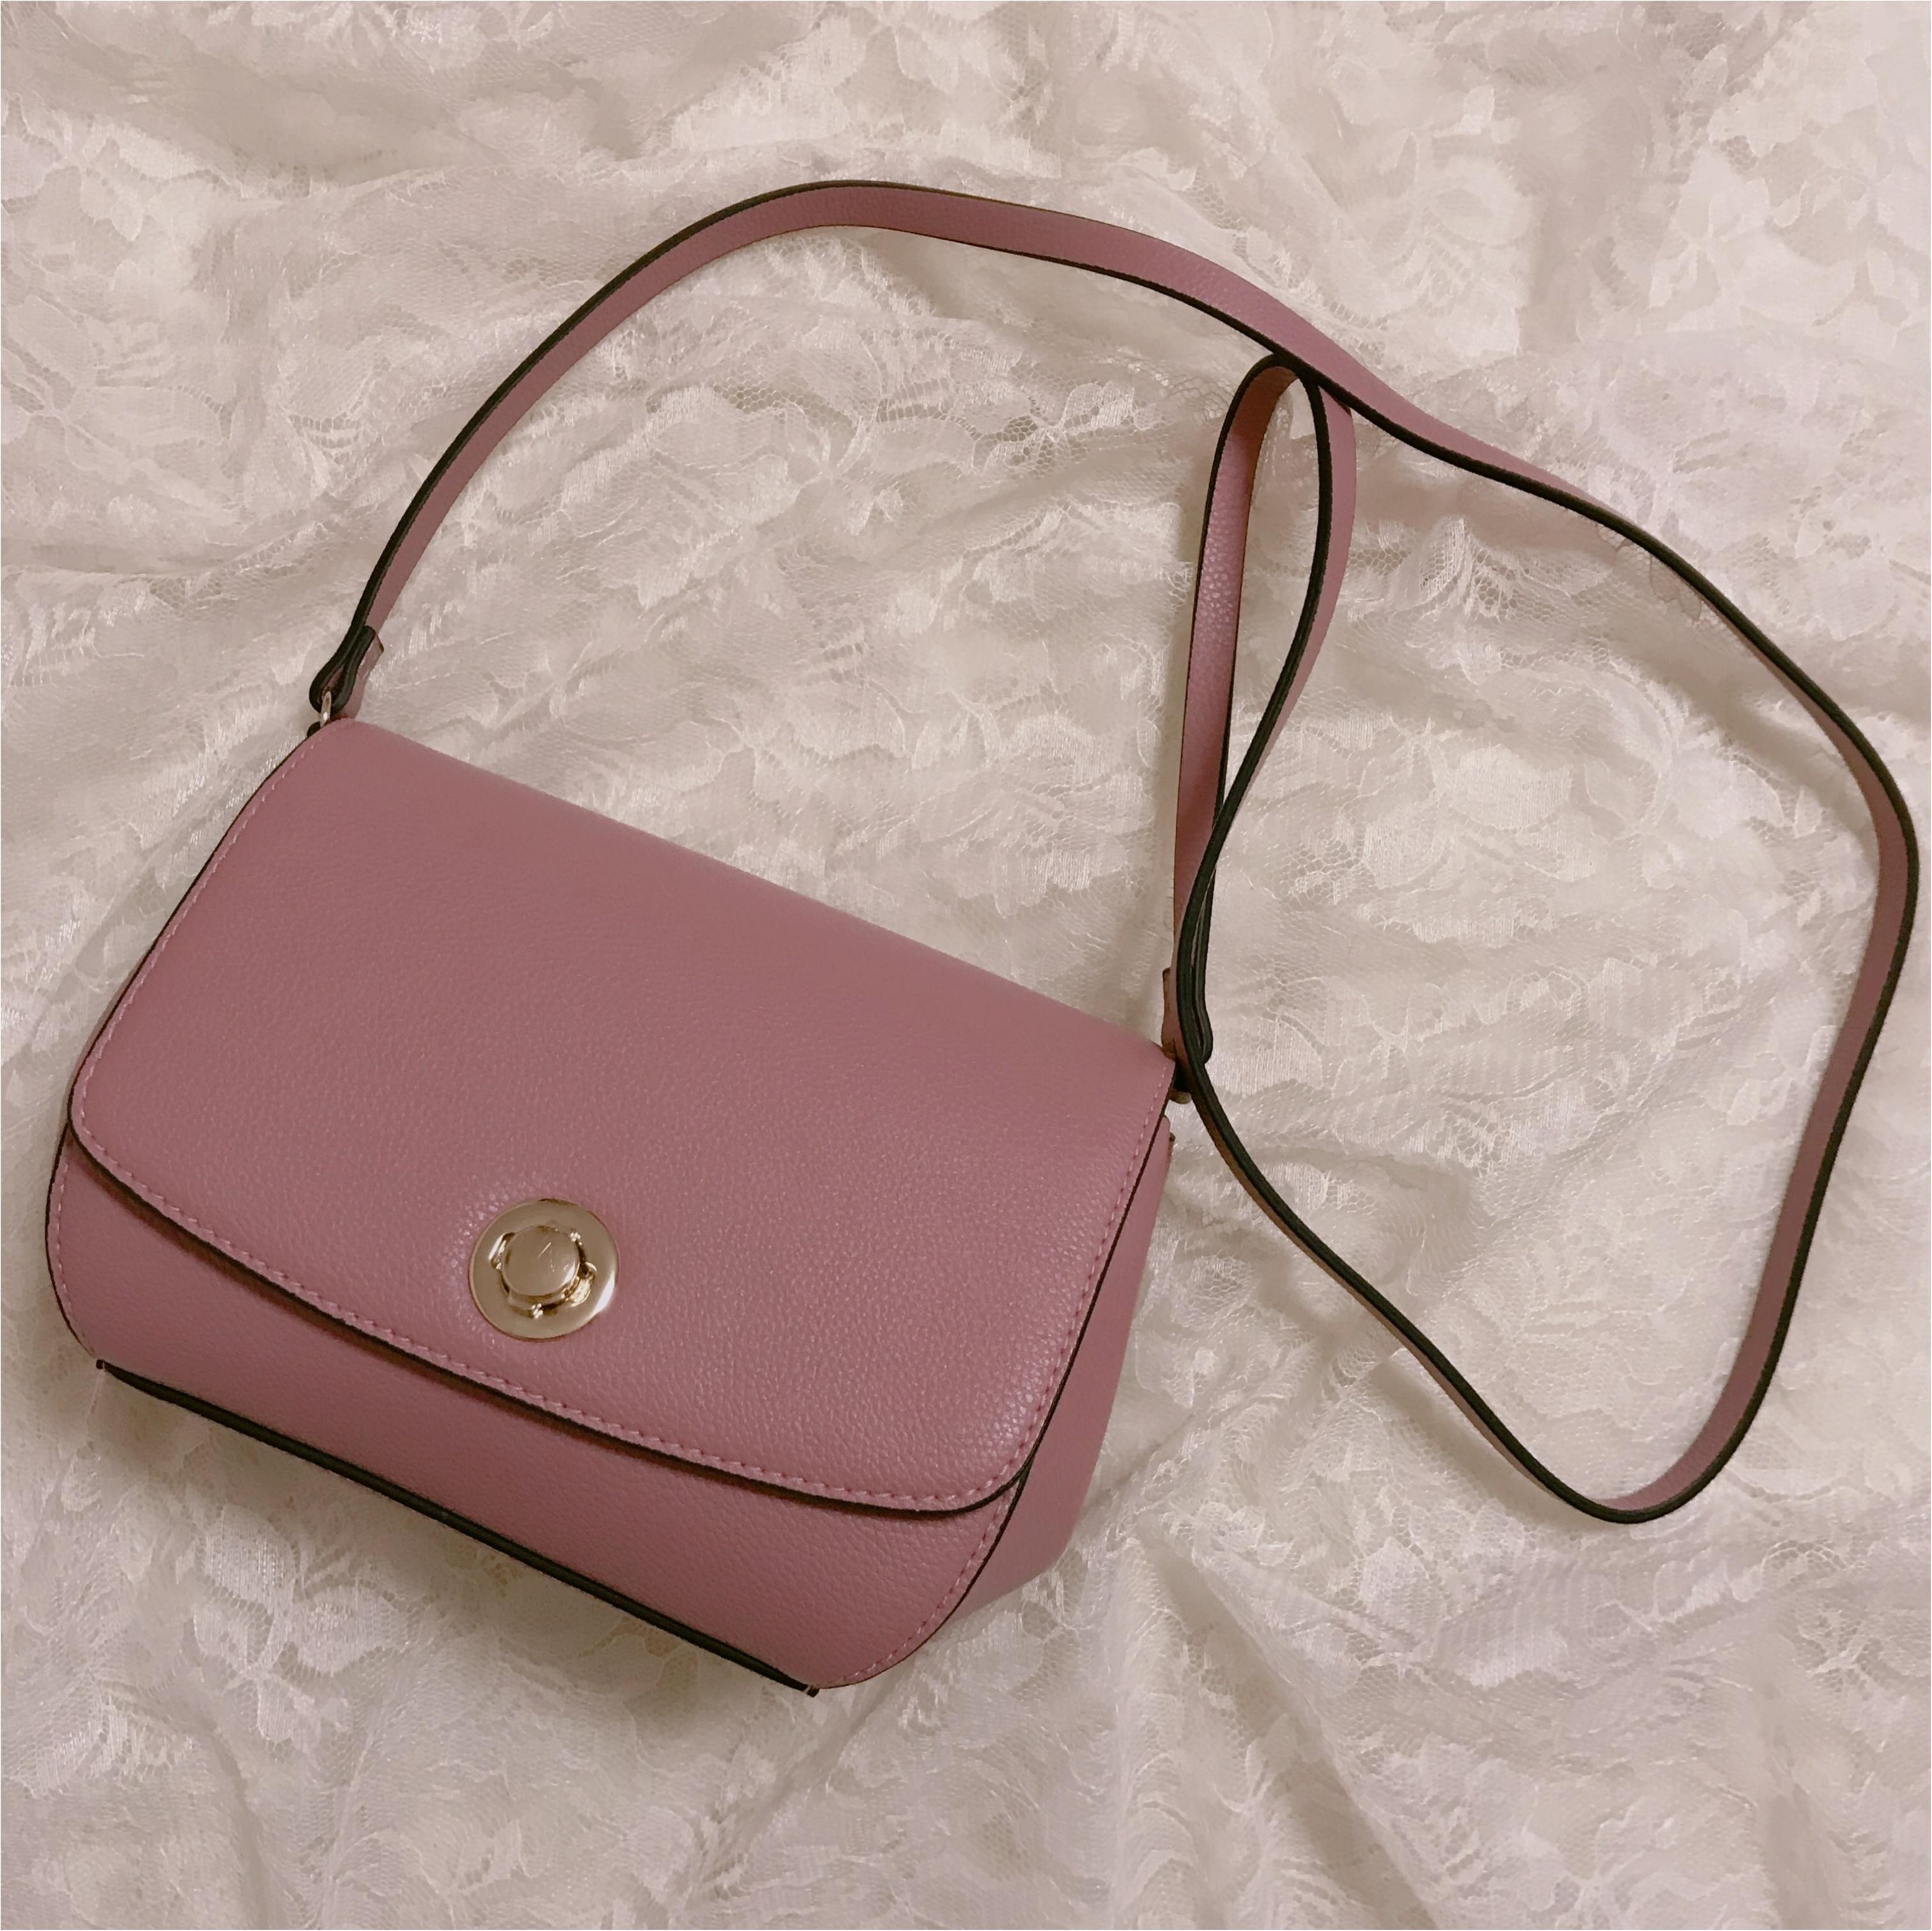 みんなどんなバッグ使ってるの? 憧れブランドもまとめて「愛用バッグ」まとめ♡♡_1_24